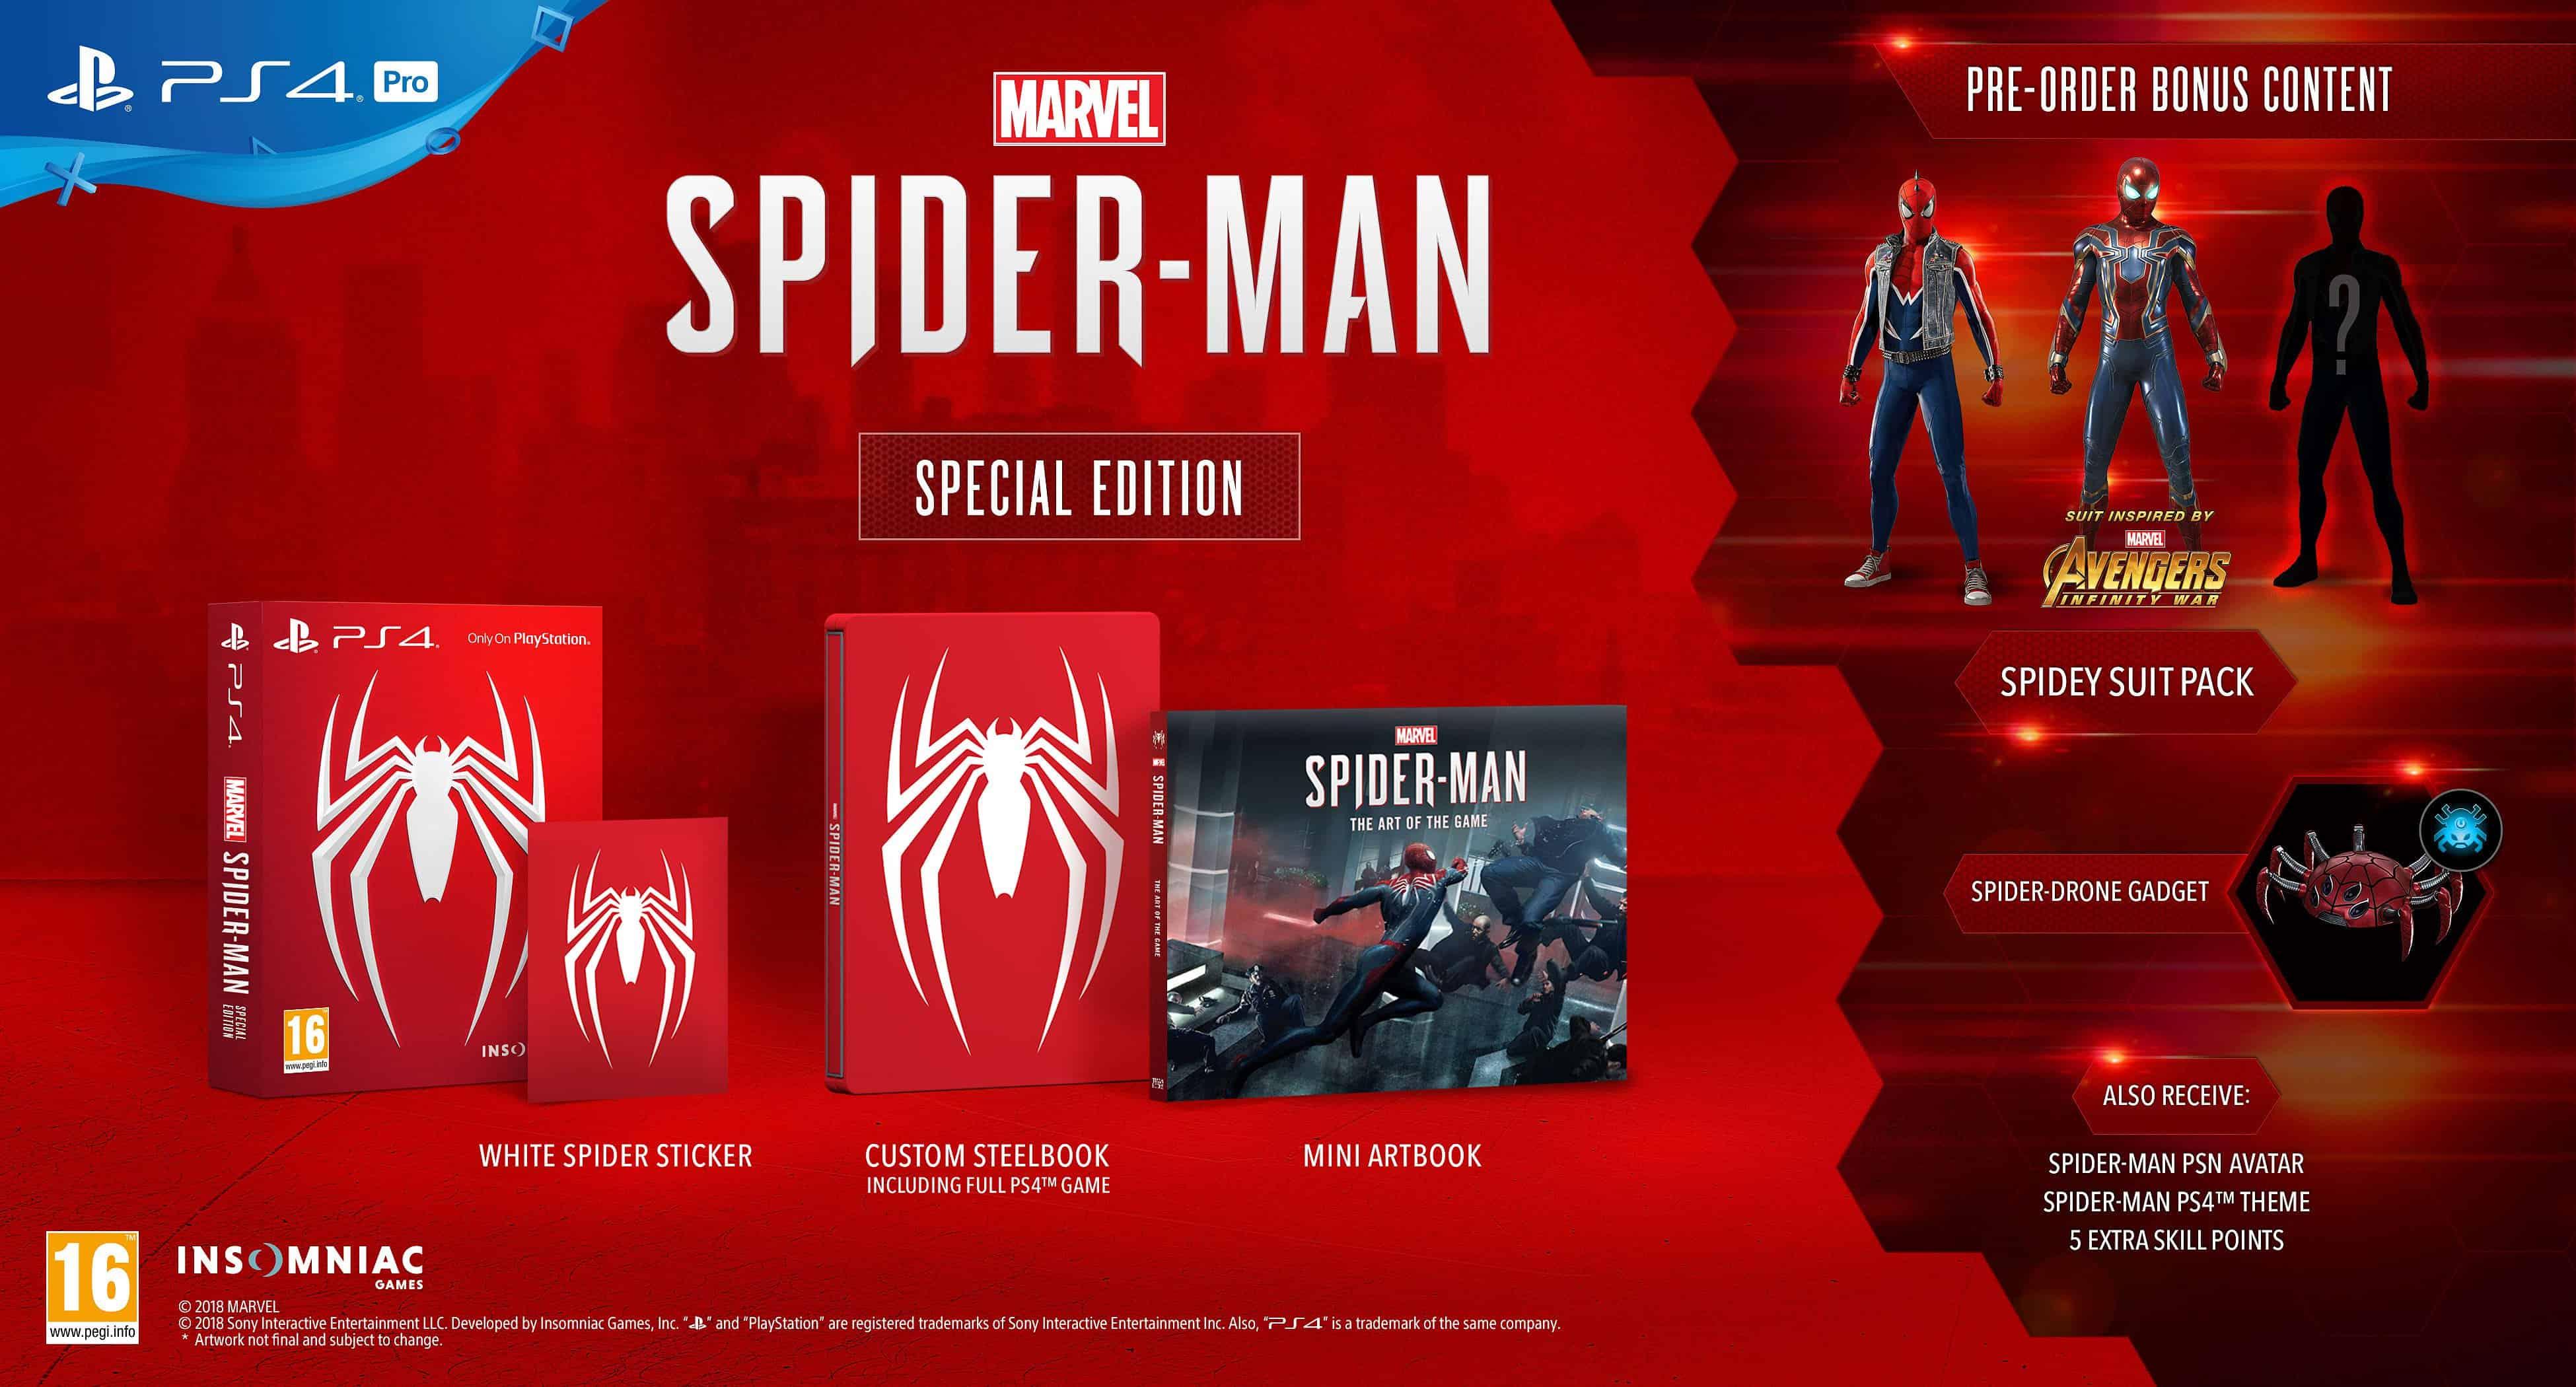 marvel spider man deluxe edition vs regular